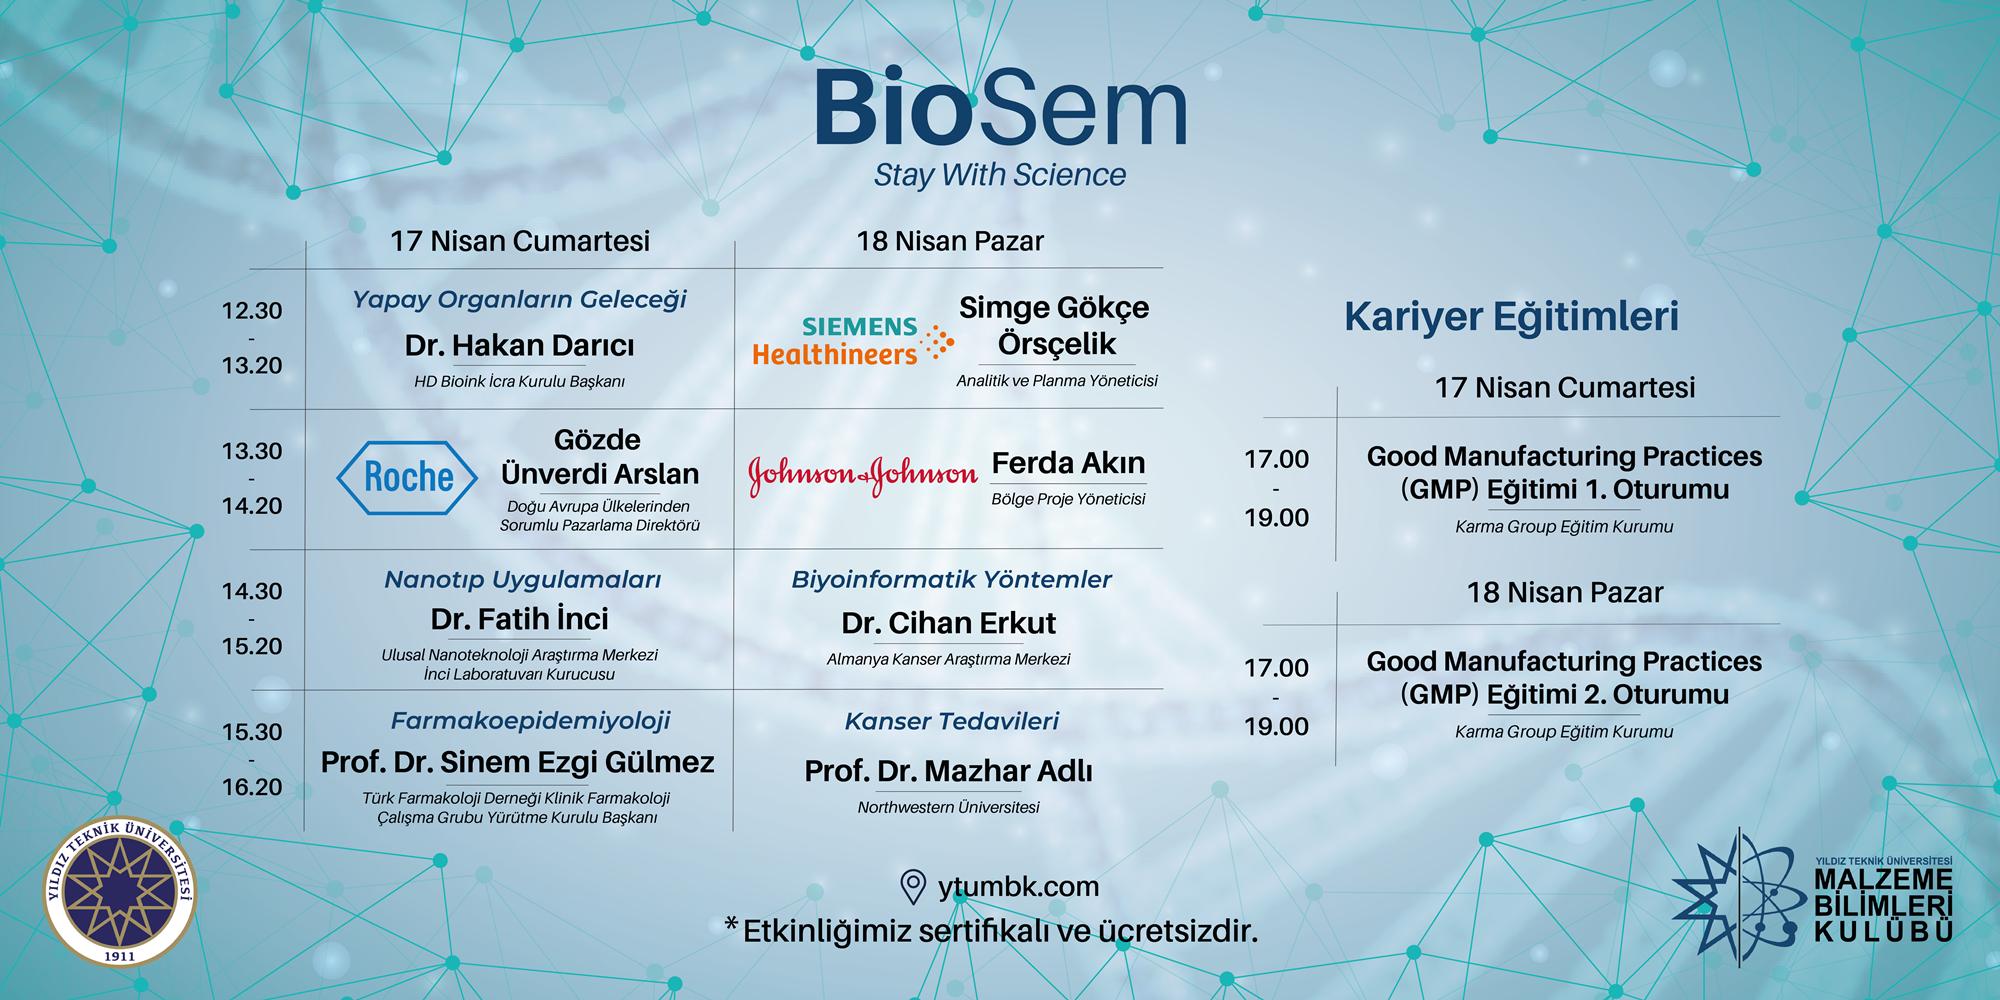 BioSem (2000x1000)